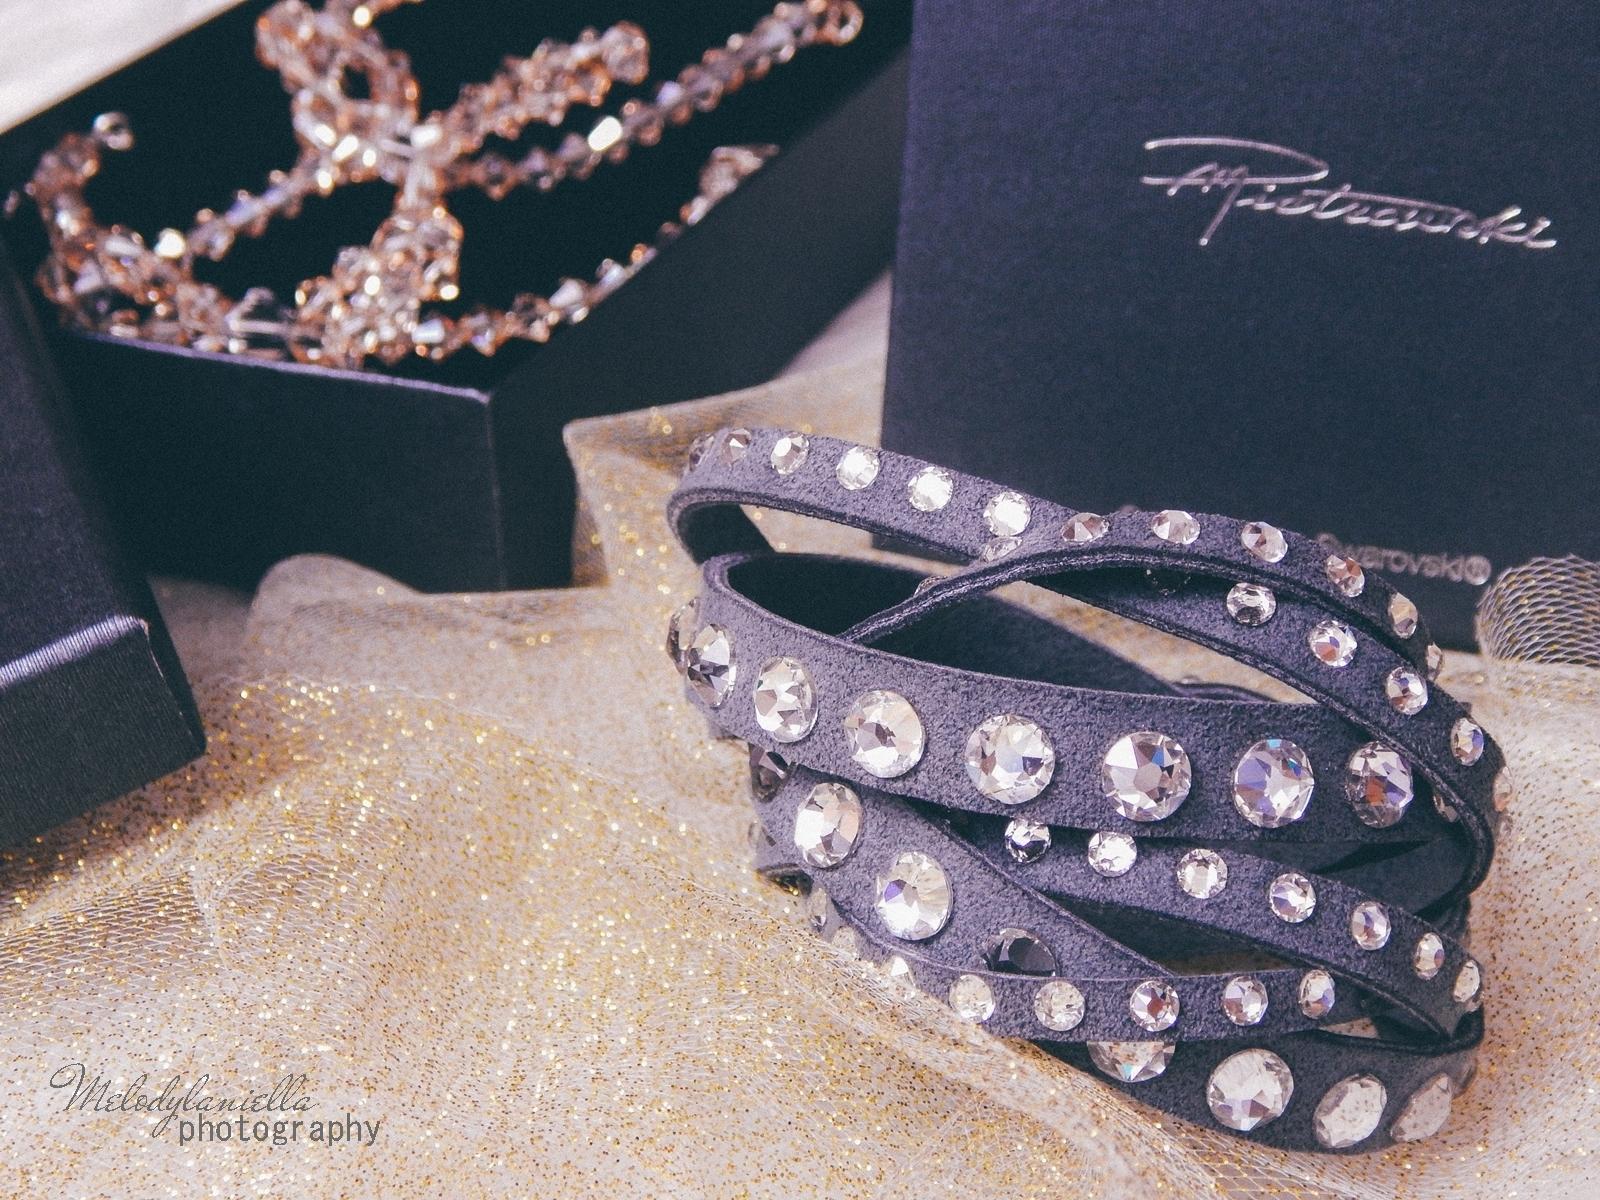 12 biżuteria M piotrowski recenzje kryształy swarovski przegląd opinie recenzje jak dobrać biżuterie modna biżuteria stylowe dodatki kryształy bransoletka z kokardką naszyjnik z kokardą złoto srebro fashion